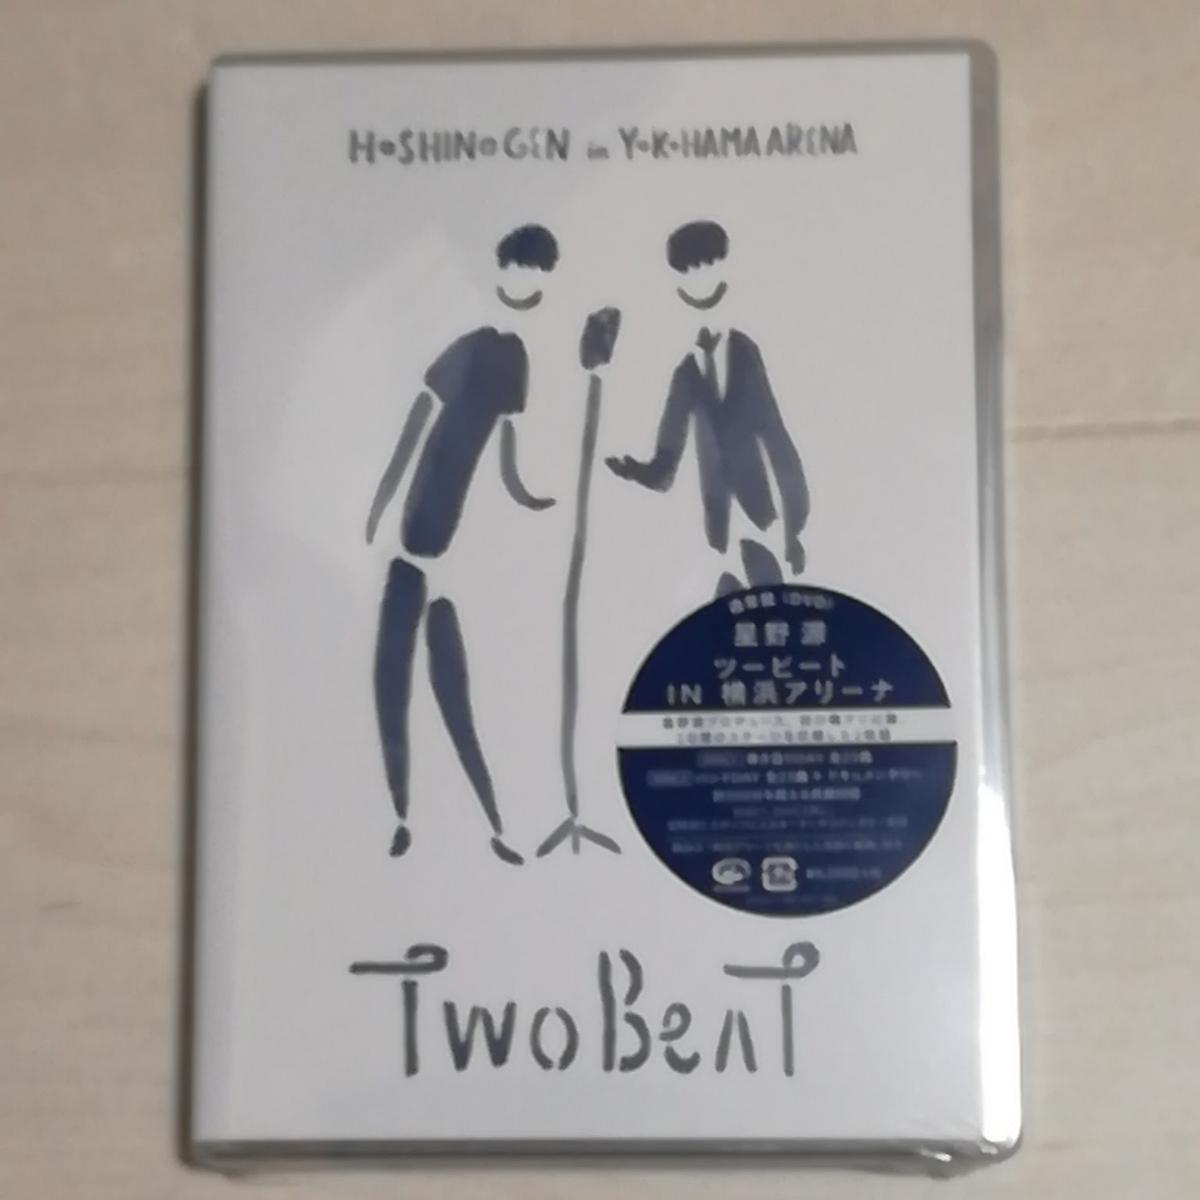 星野源 TwoBeat 通常版DVD in横浜アリーナ グッズの画像